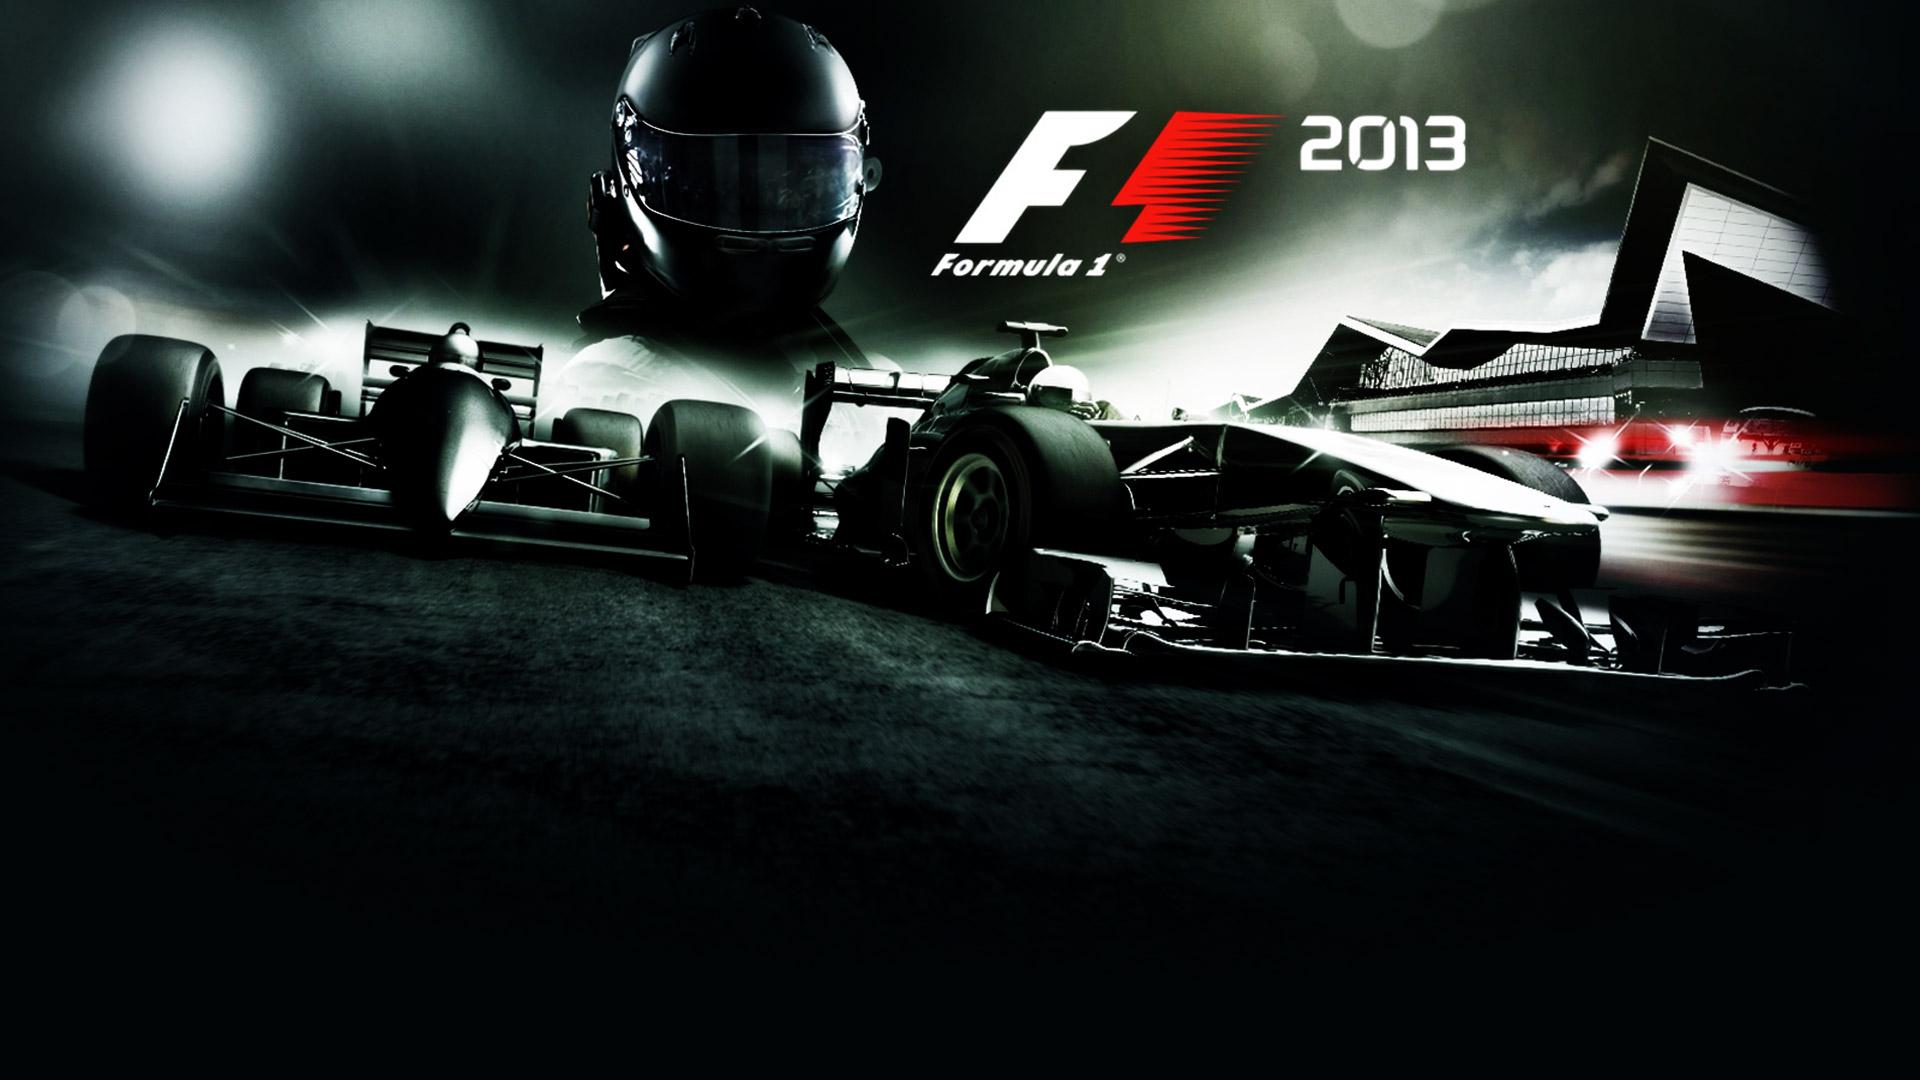 |F1 13| Adiós Temporada VIII, hola Temporada IX F1_2013_Logo